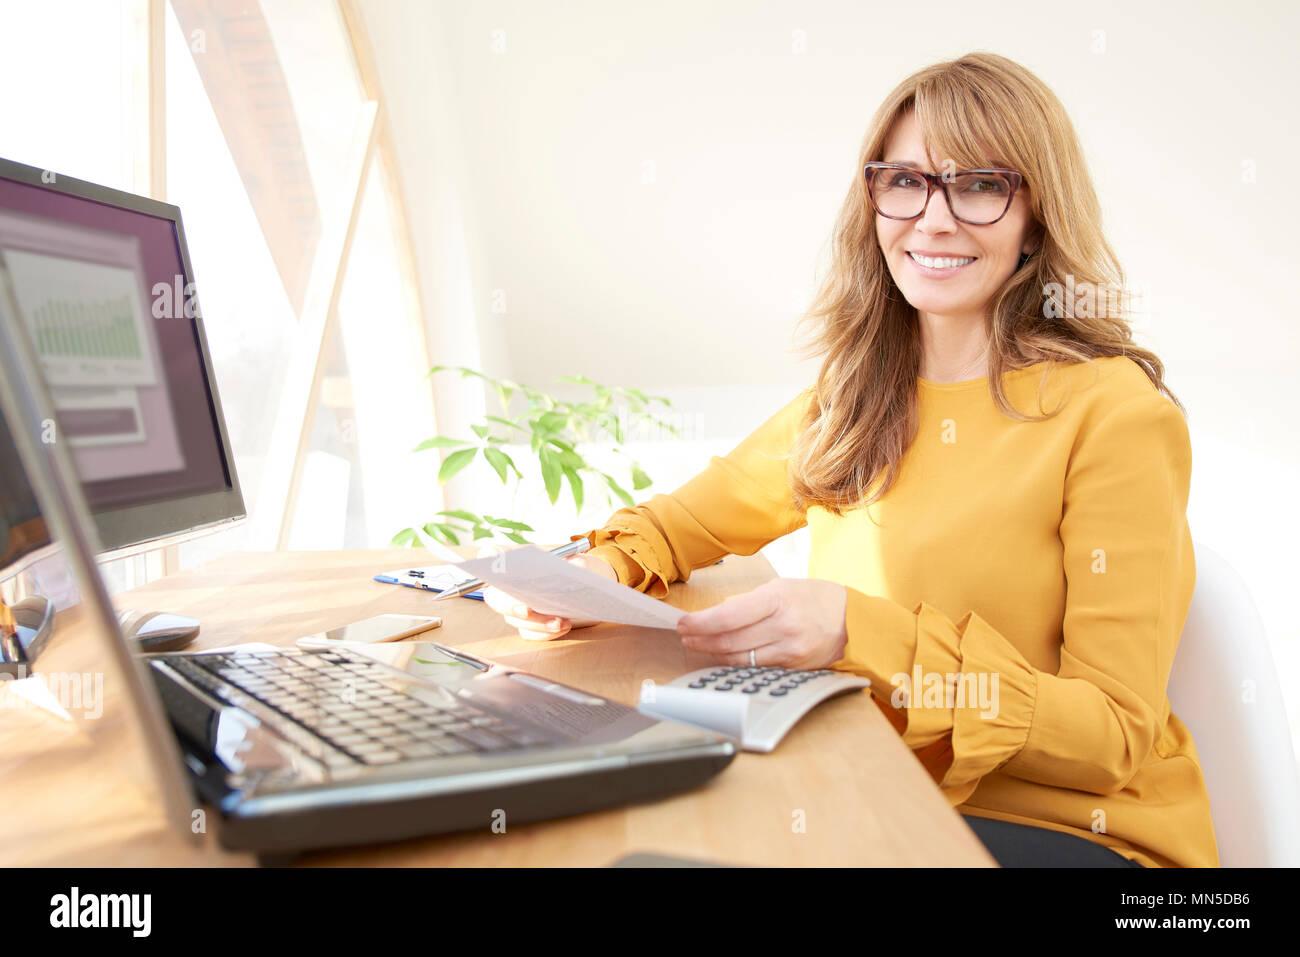 Exécutif d'âge moyen businesswoman sitting at ordinateur et ordinateur portable et faire quelques formalités administratives. Bureau à domicile. Photo Stock